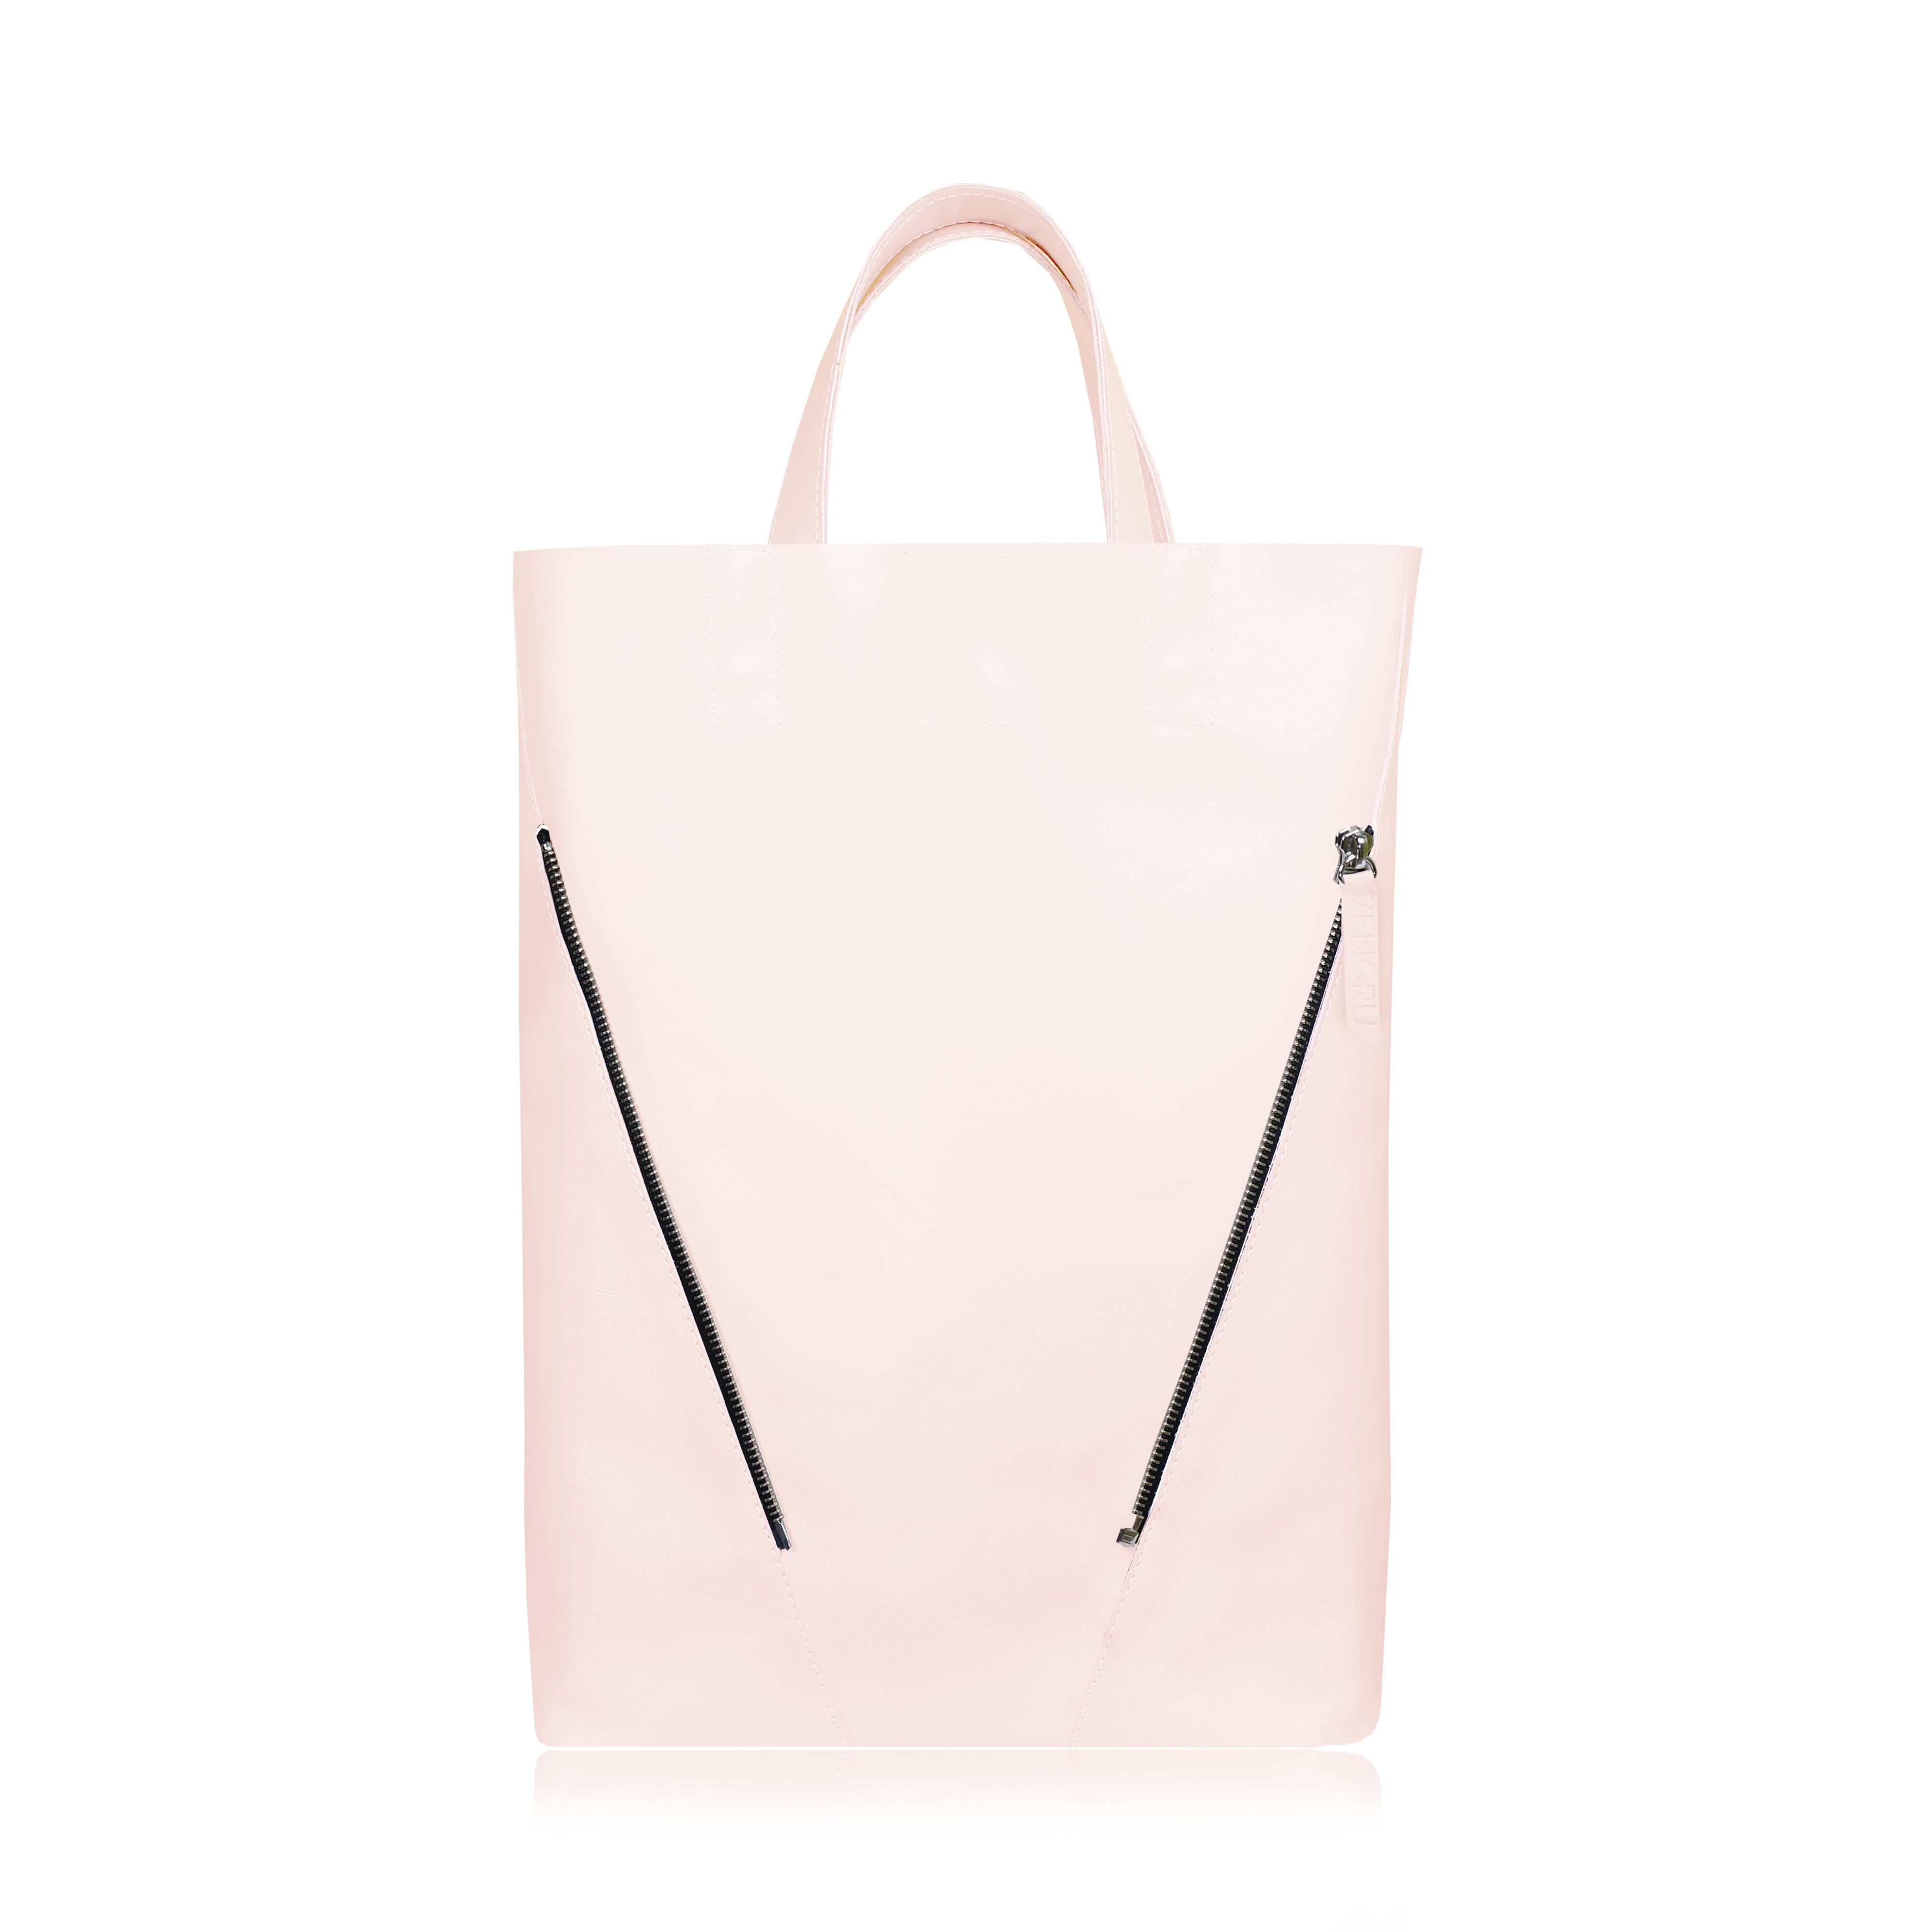 Egyedi púder rózsaszín Shopper